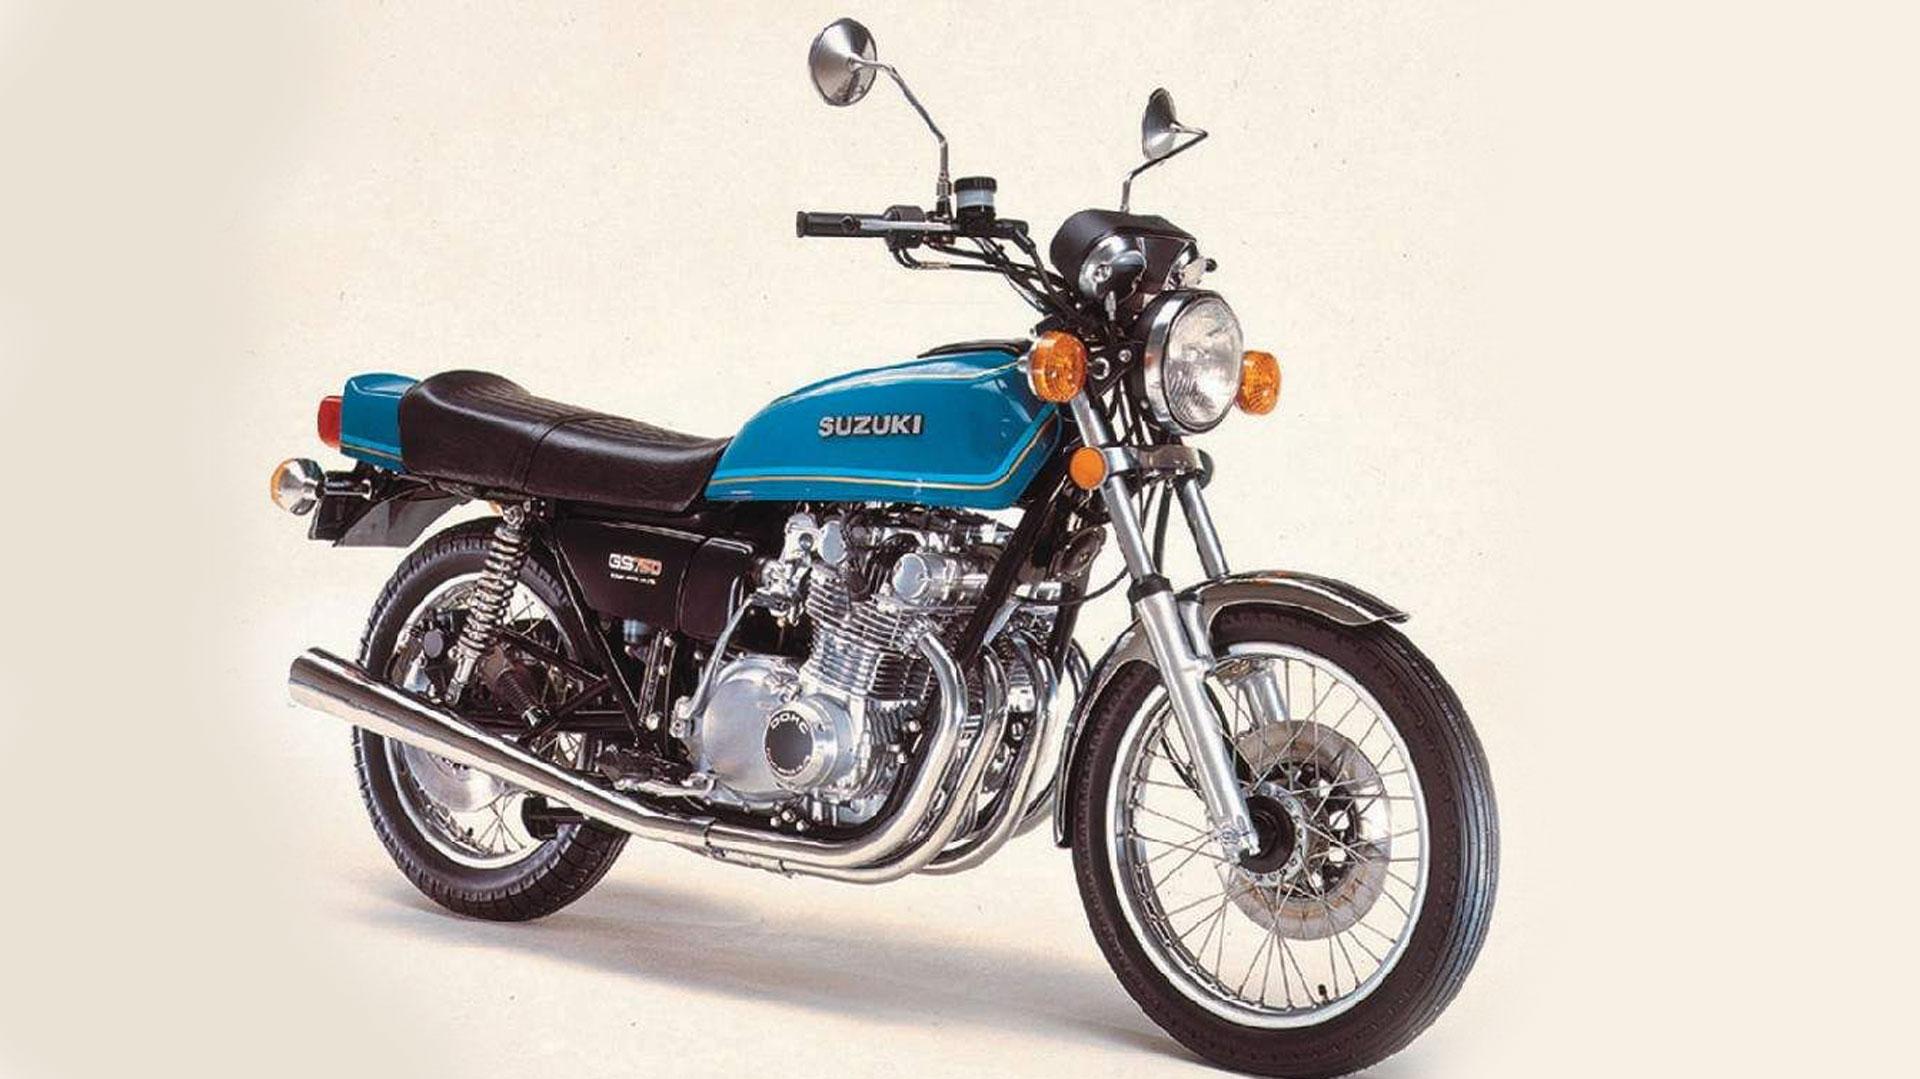 1976 Suzuki GS750